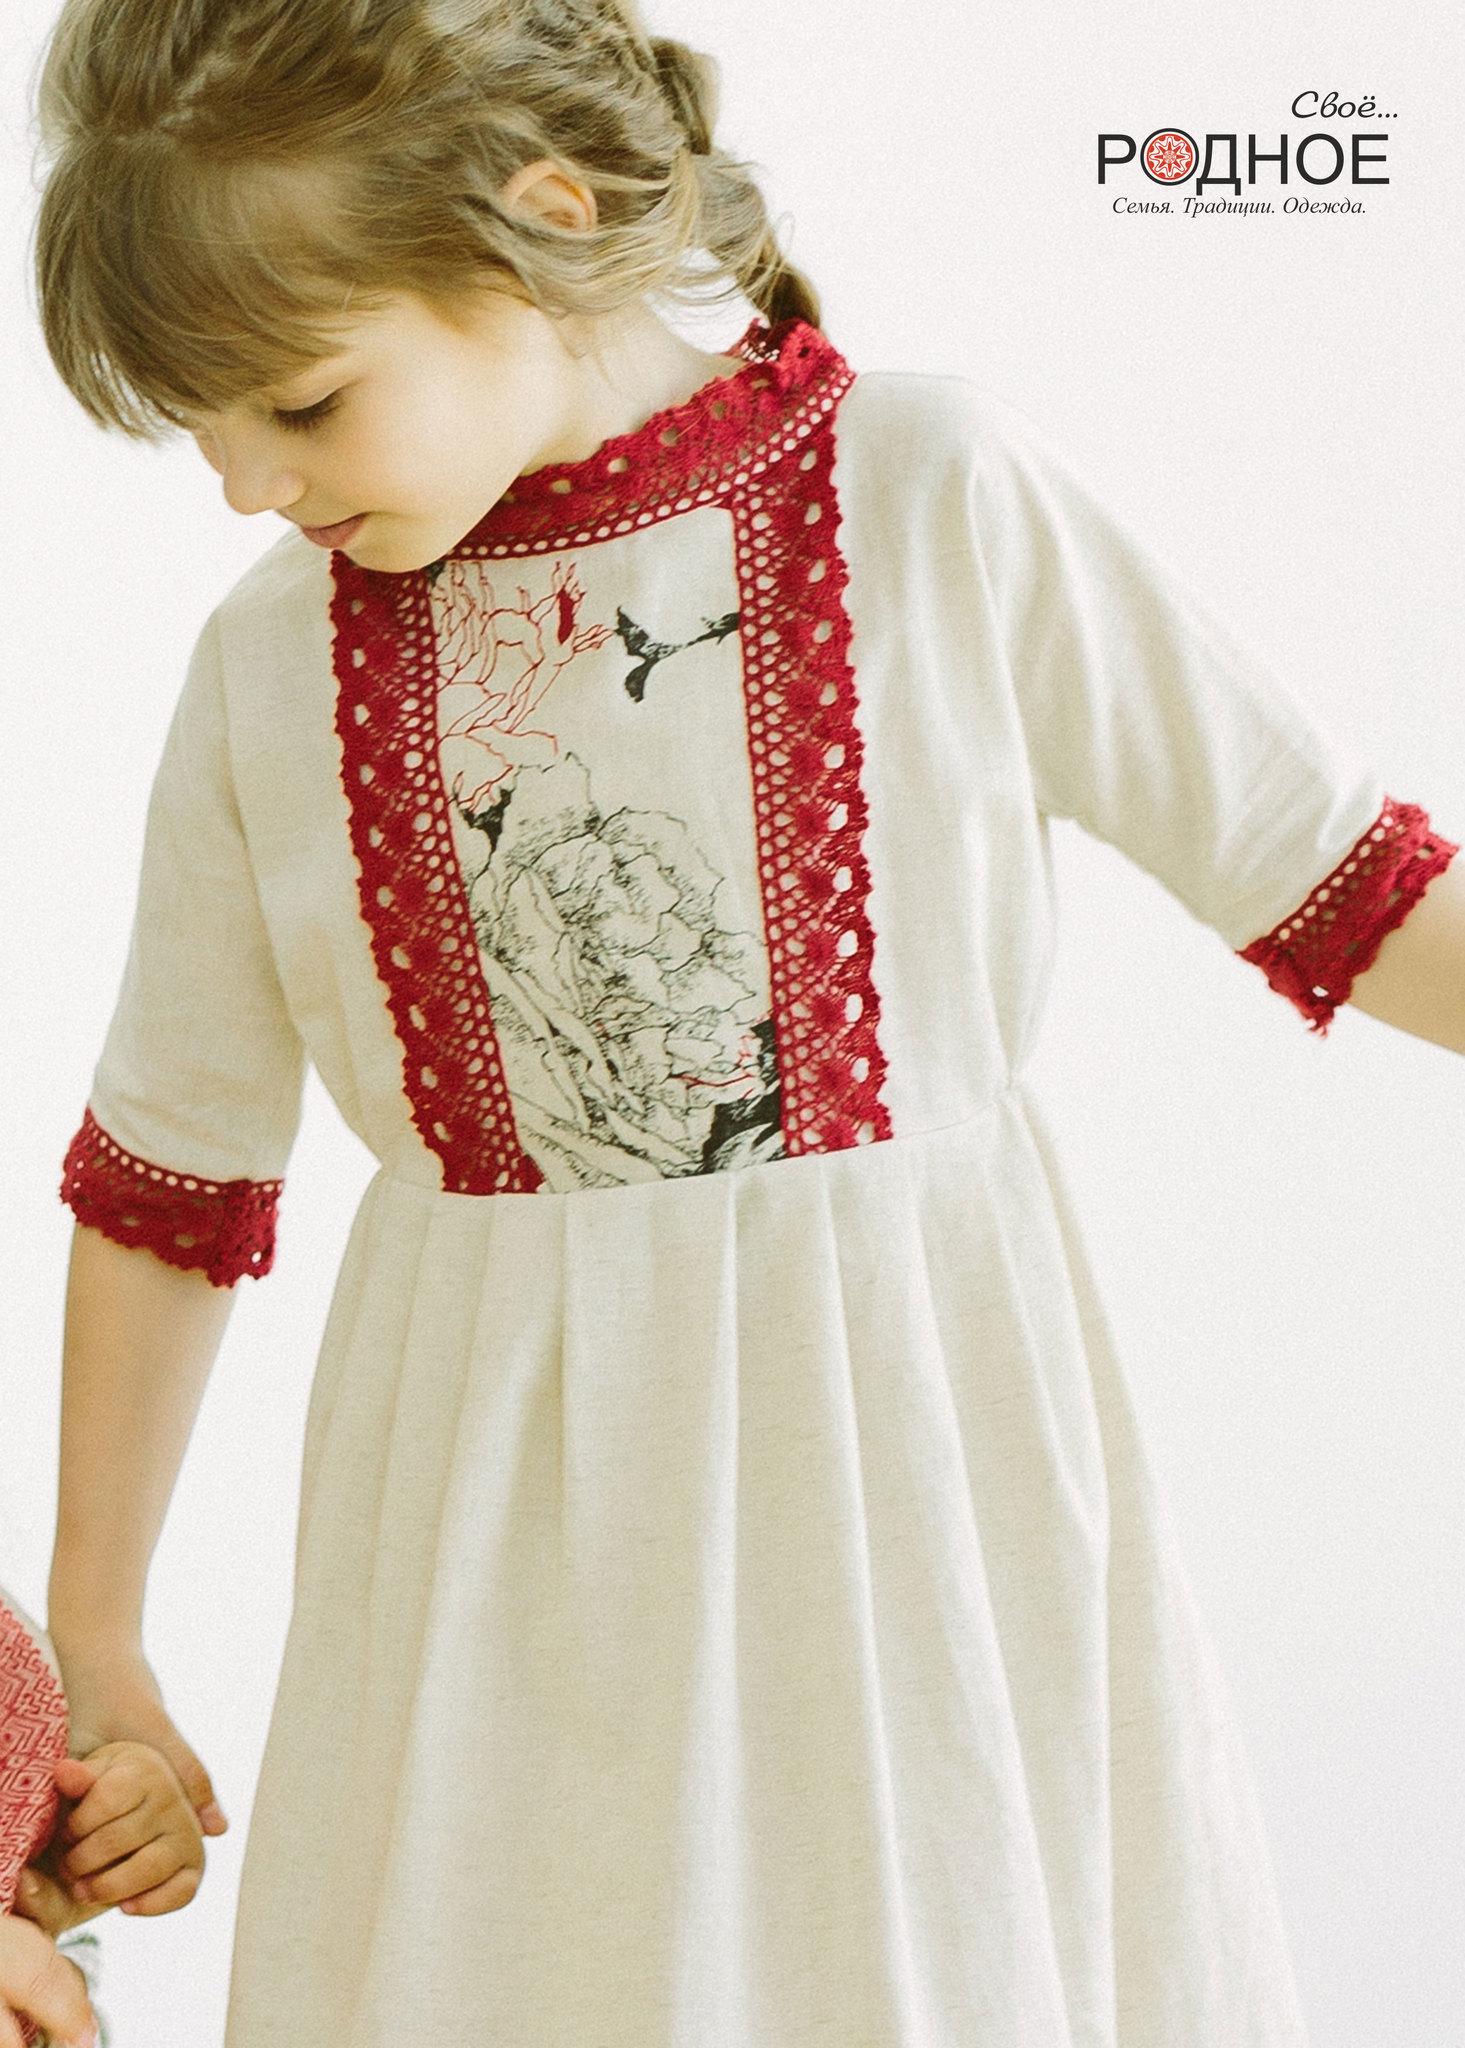 славянское платье купить в Москве можно в Свое... Родное для Иванка